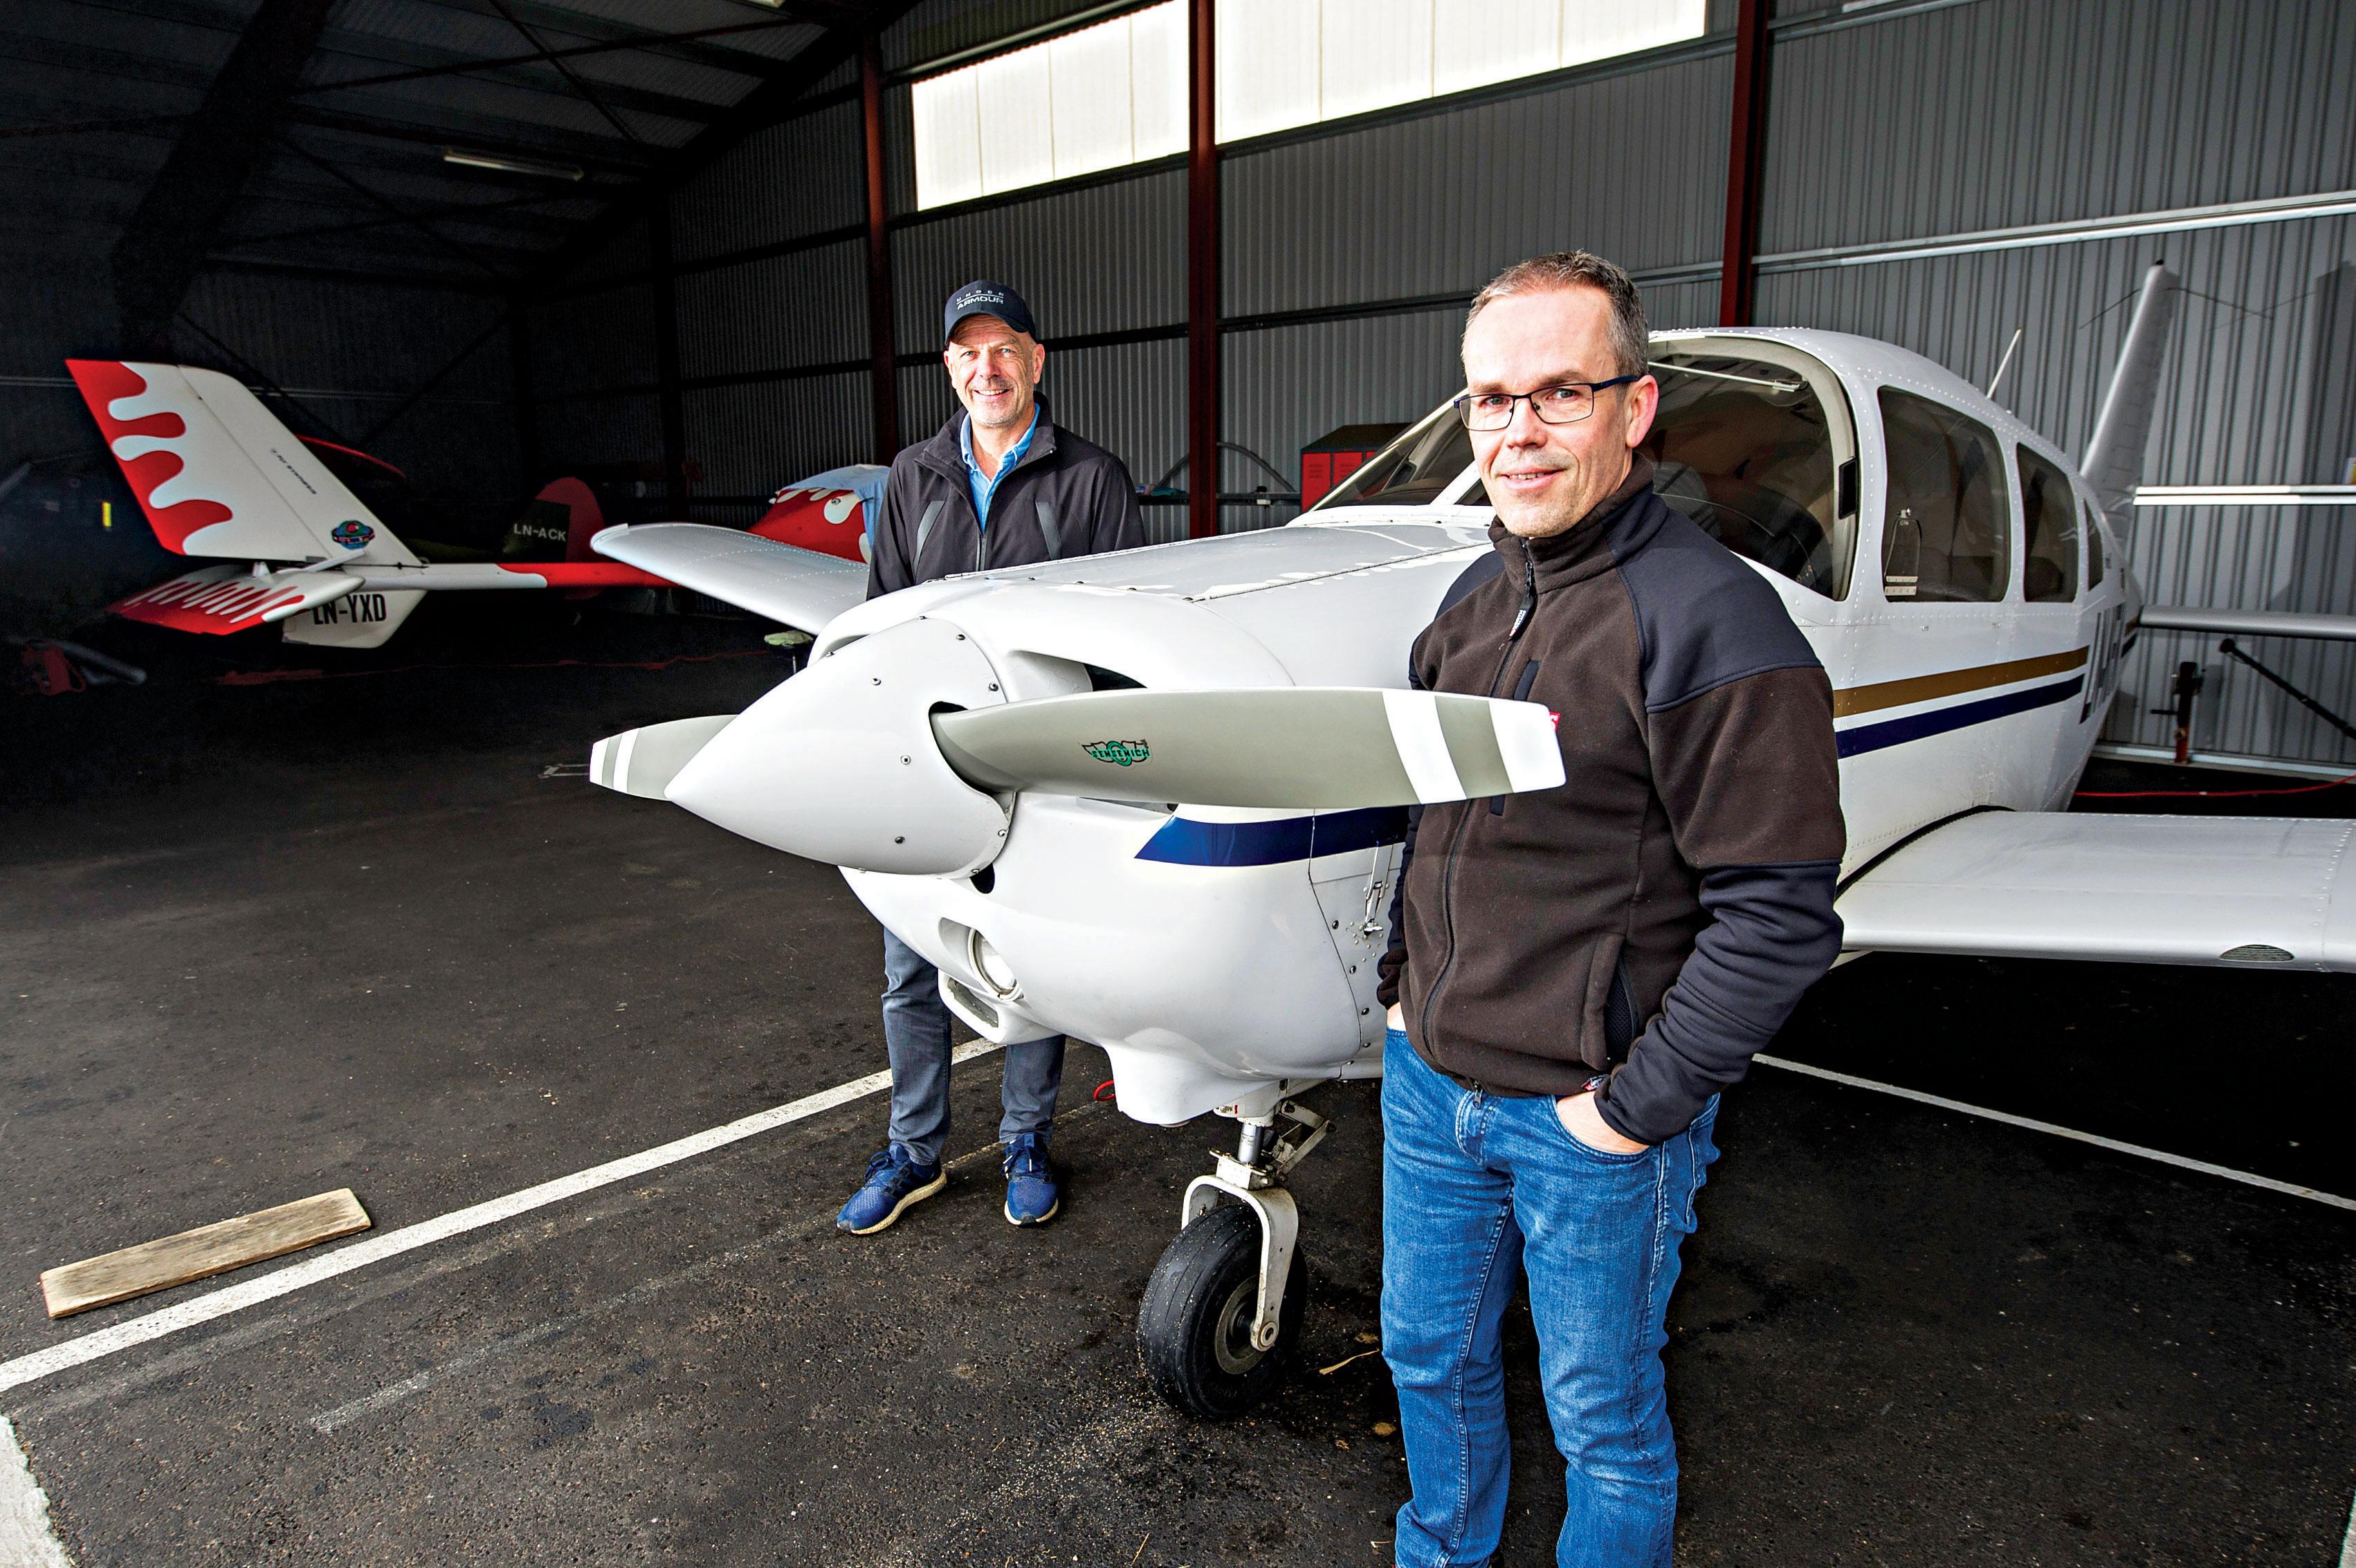 Kjevik Flyklubb: Luftig Moro Under Himmelen